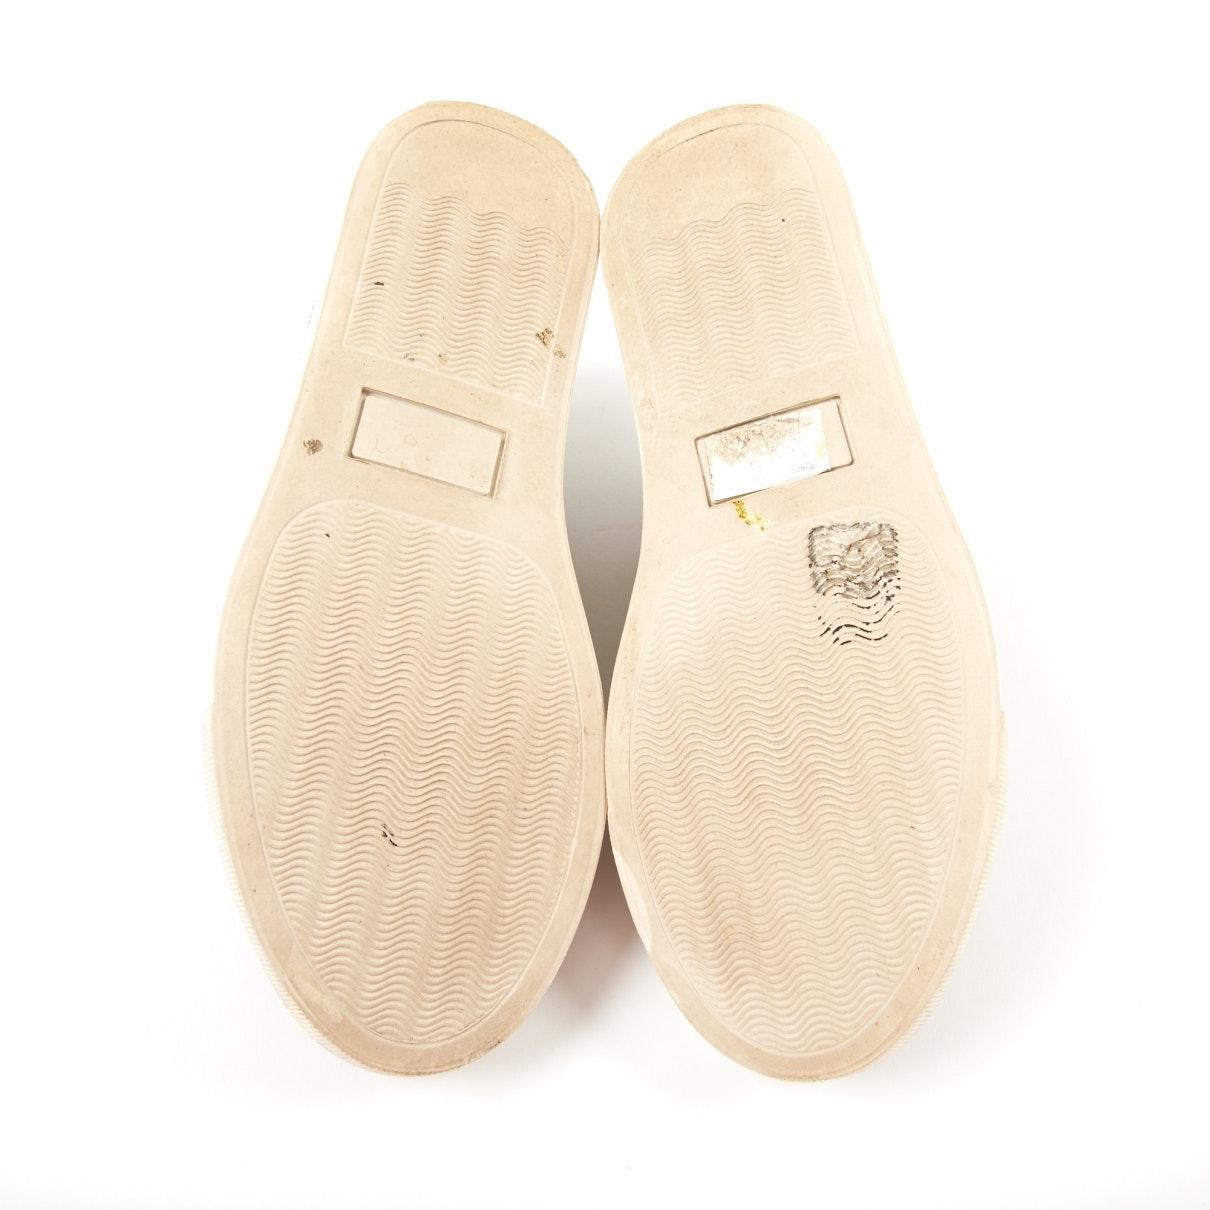 Deportivas en piel de potro de imitación beige Charlotte Olympia de Cuero de color Neutro